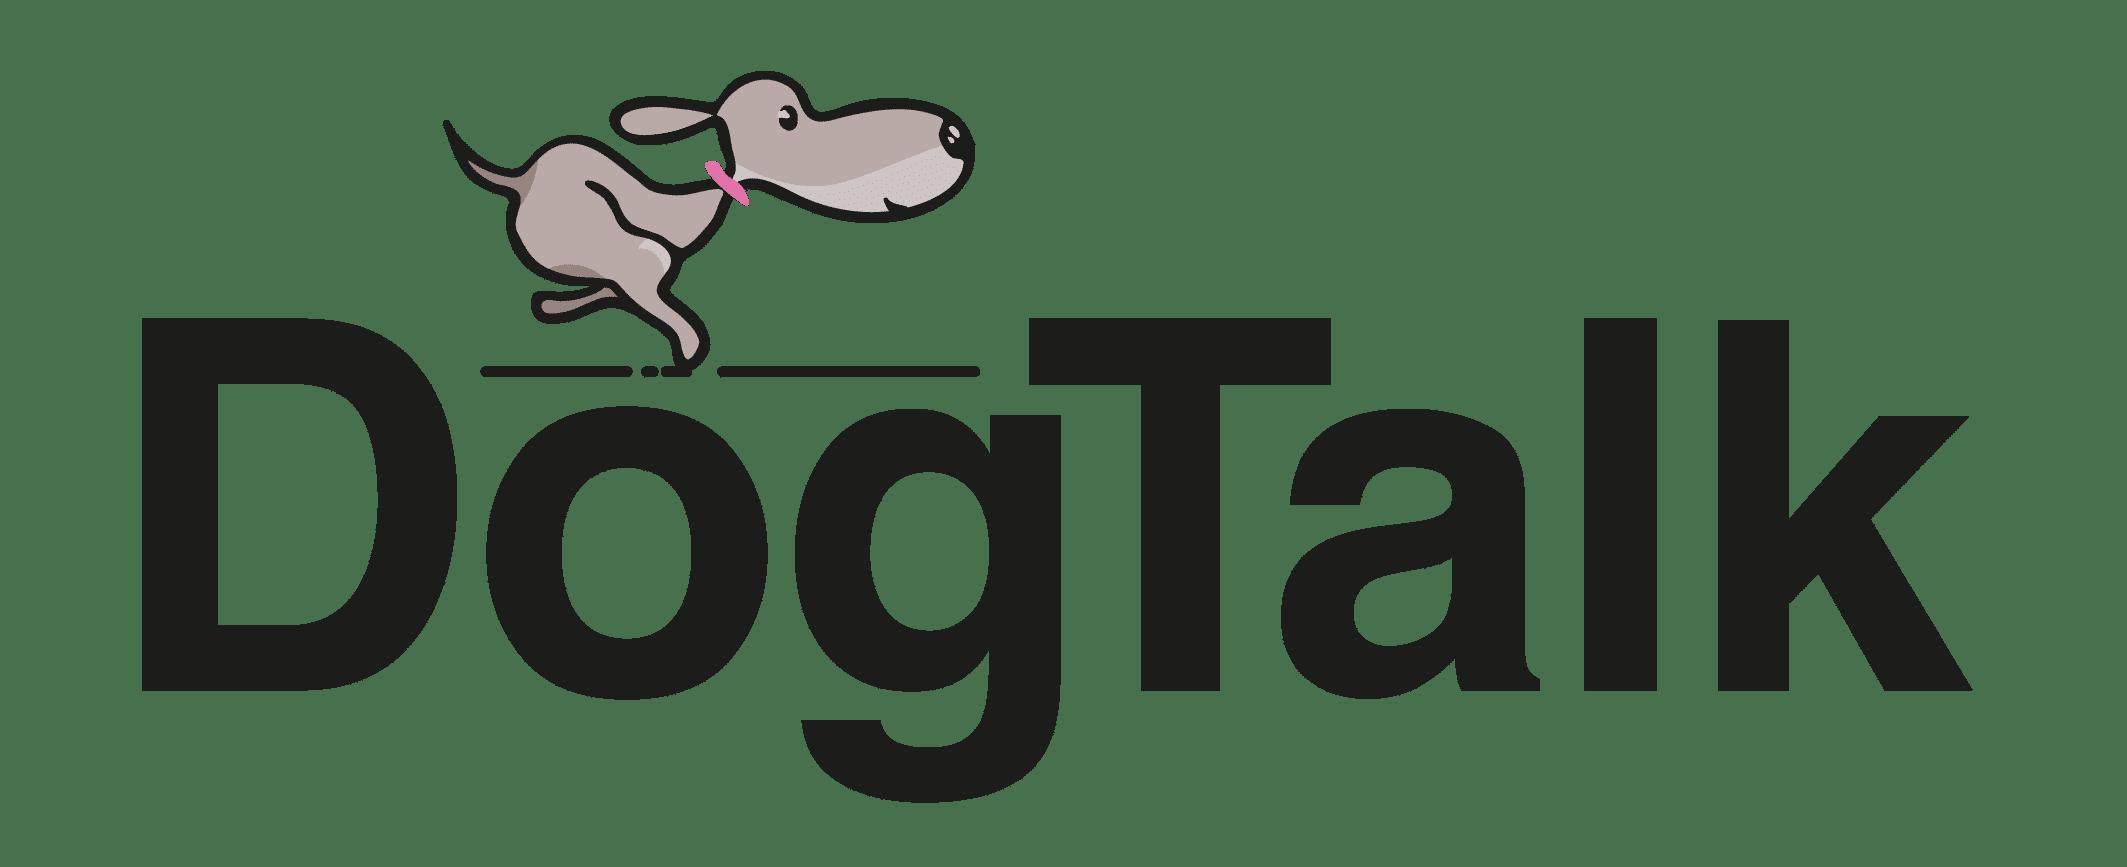 DogTalk